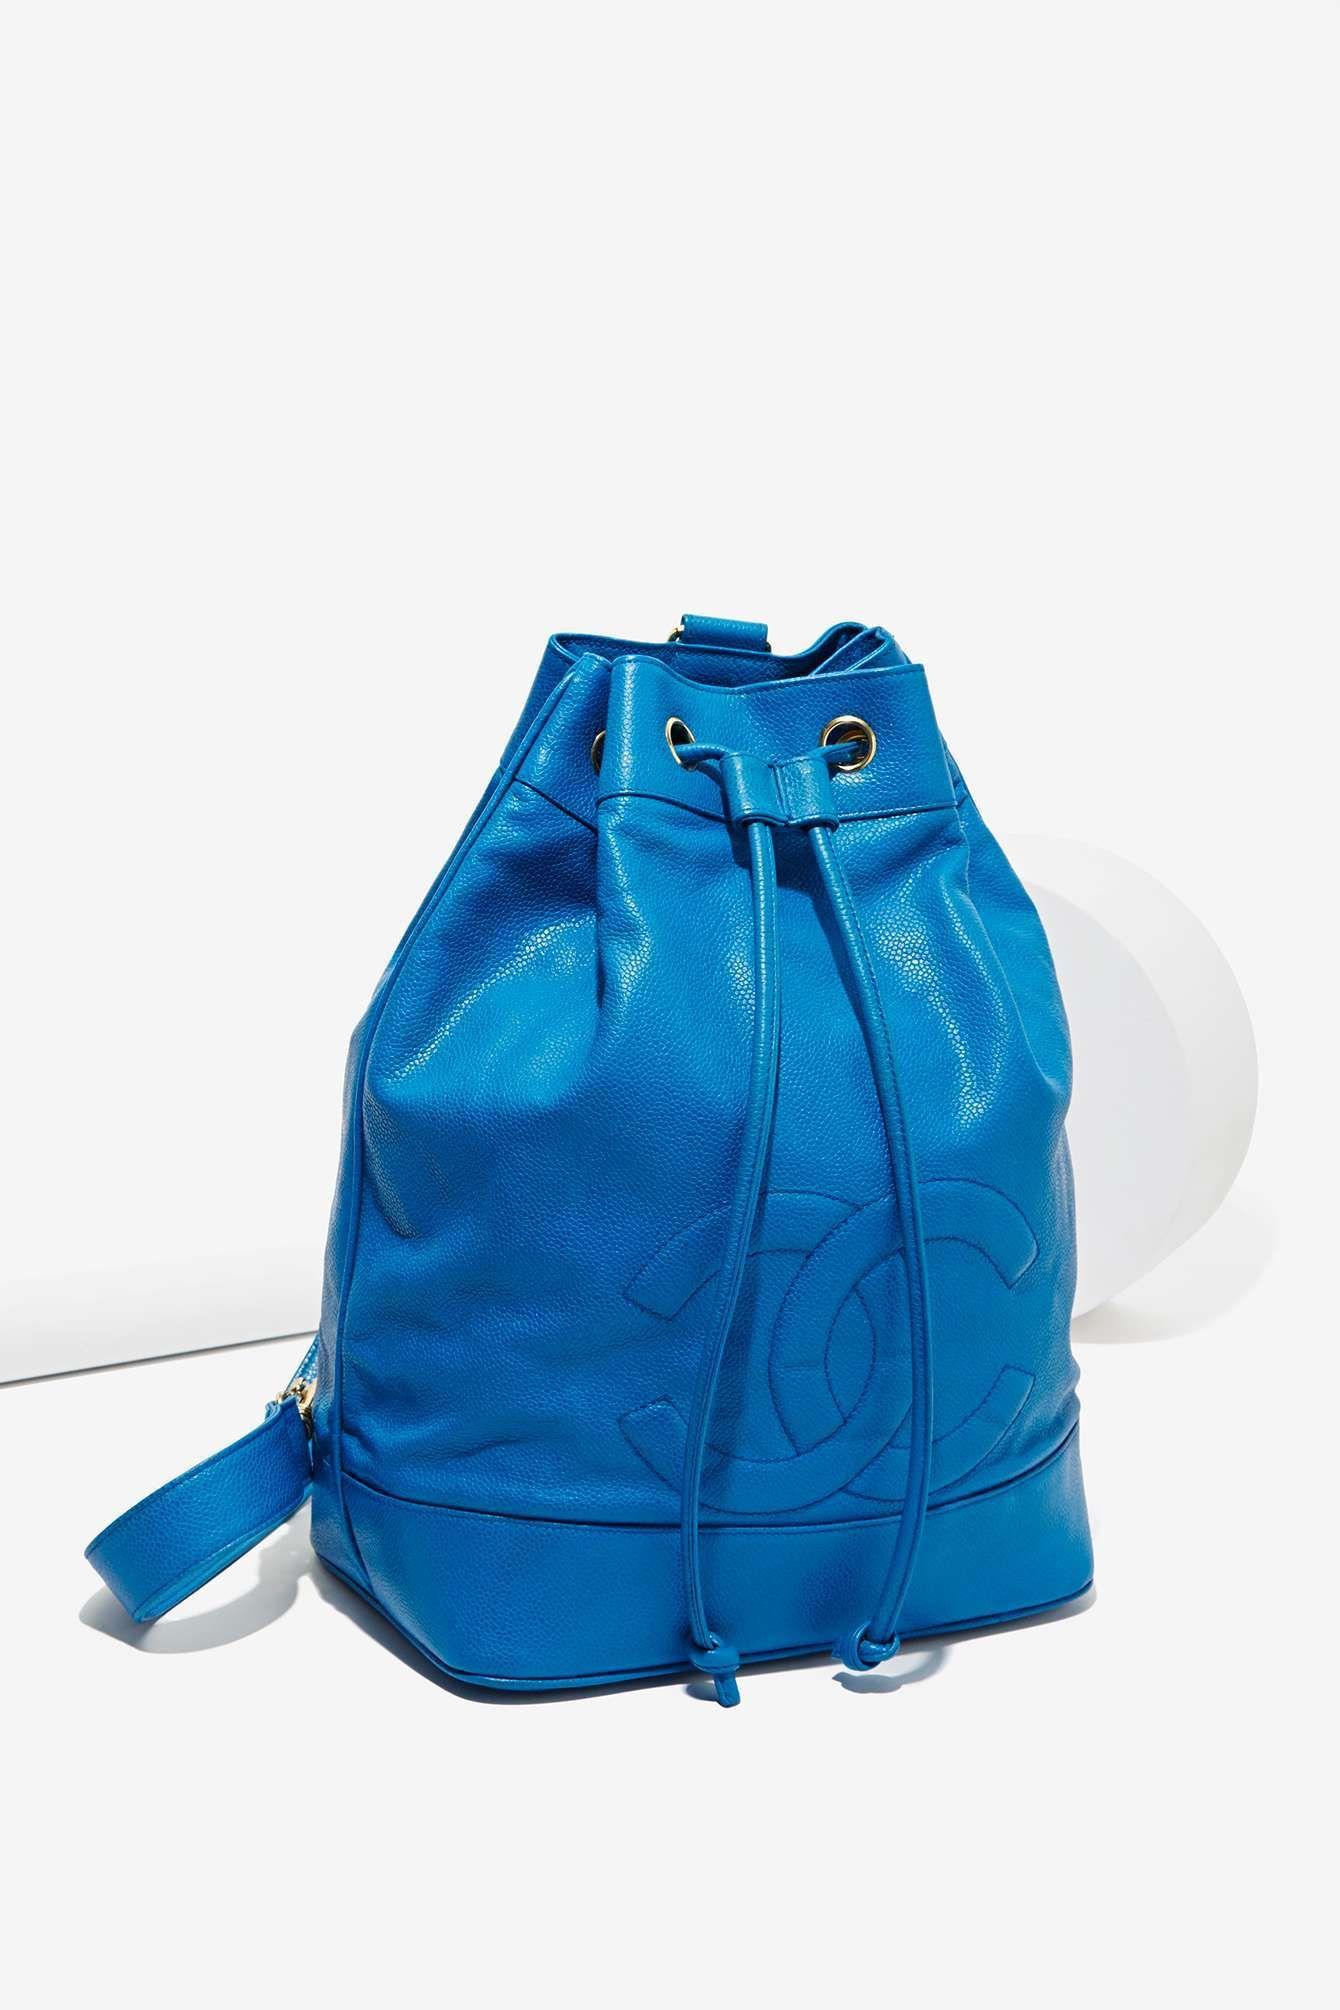 Vintage Chanel Blue Leather Bucket Bag